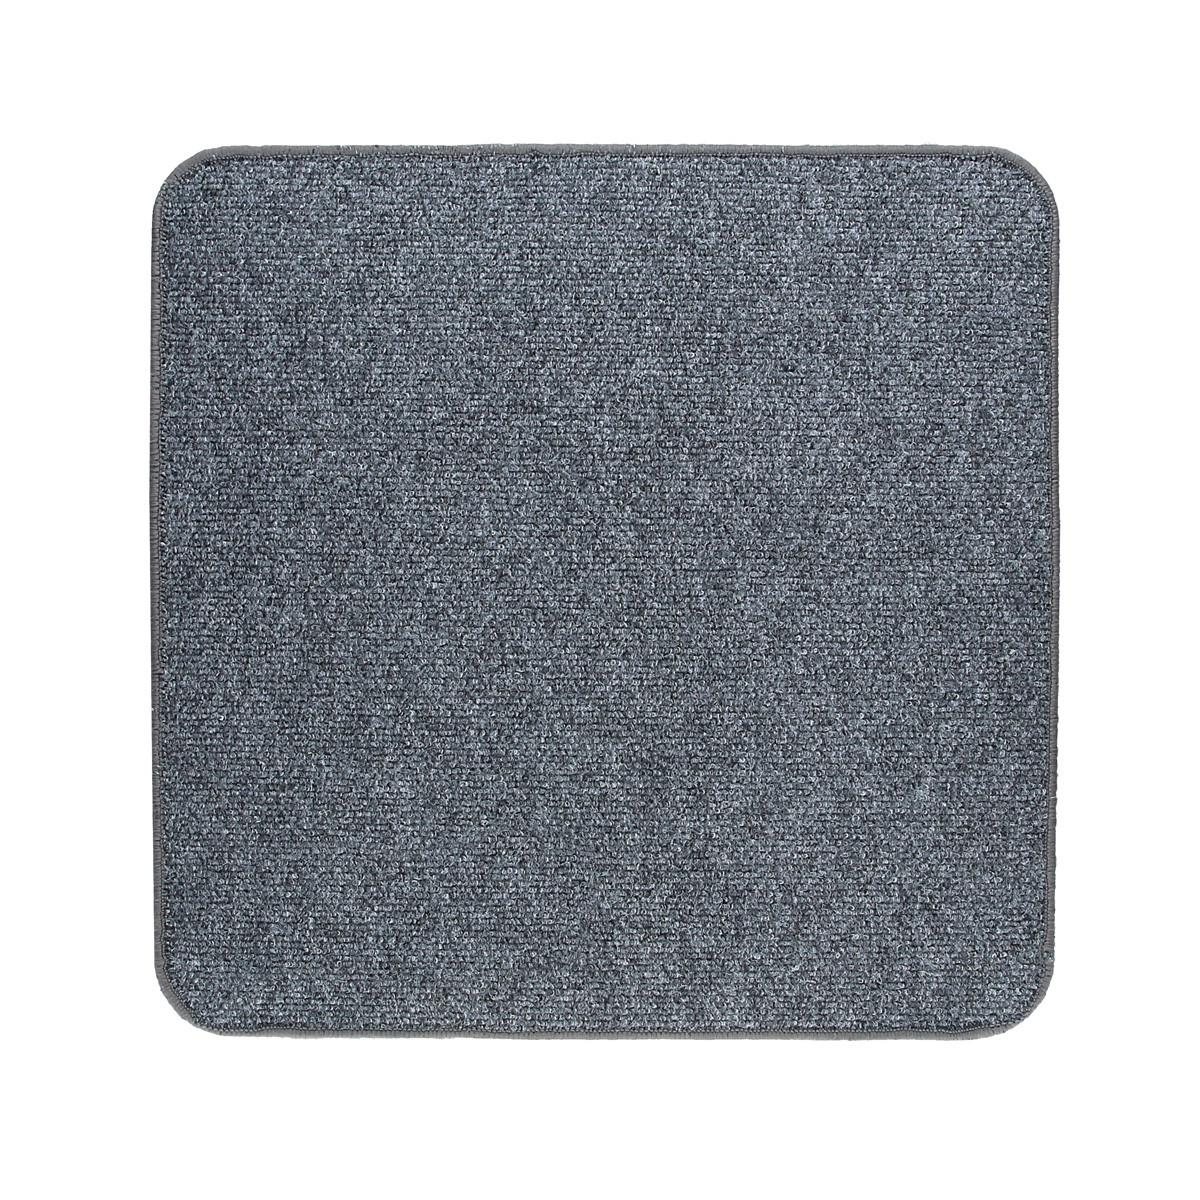 Електричний килимок з підігрівом Теплик з термо і гідроізоляцією 50 х 50 см Темно-сірий